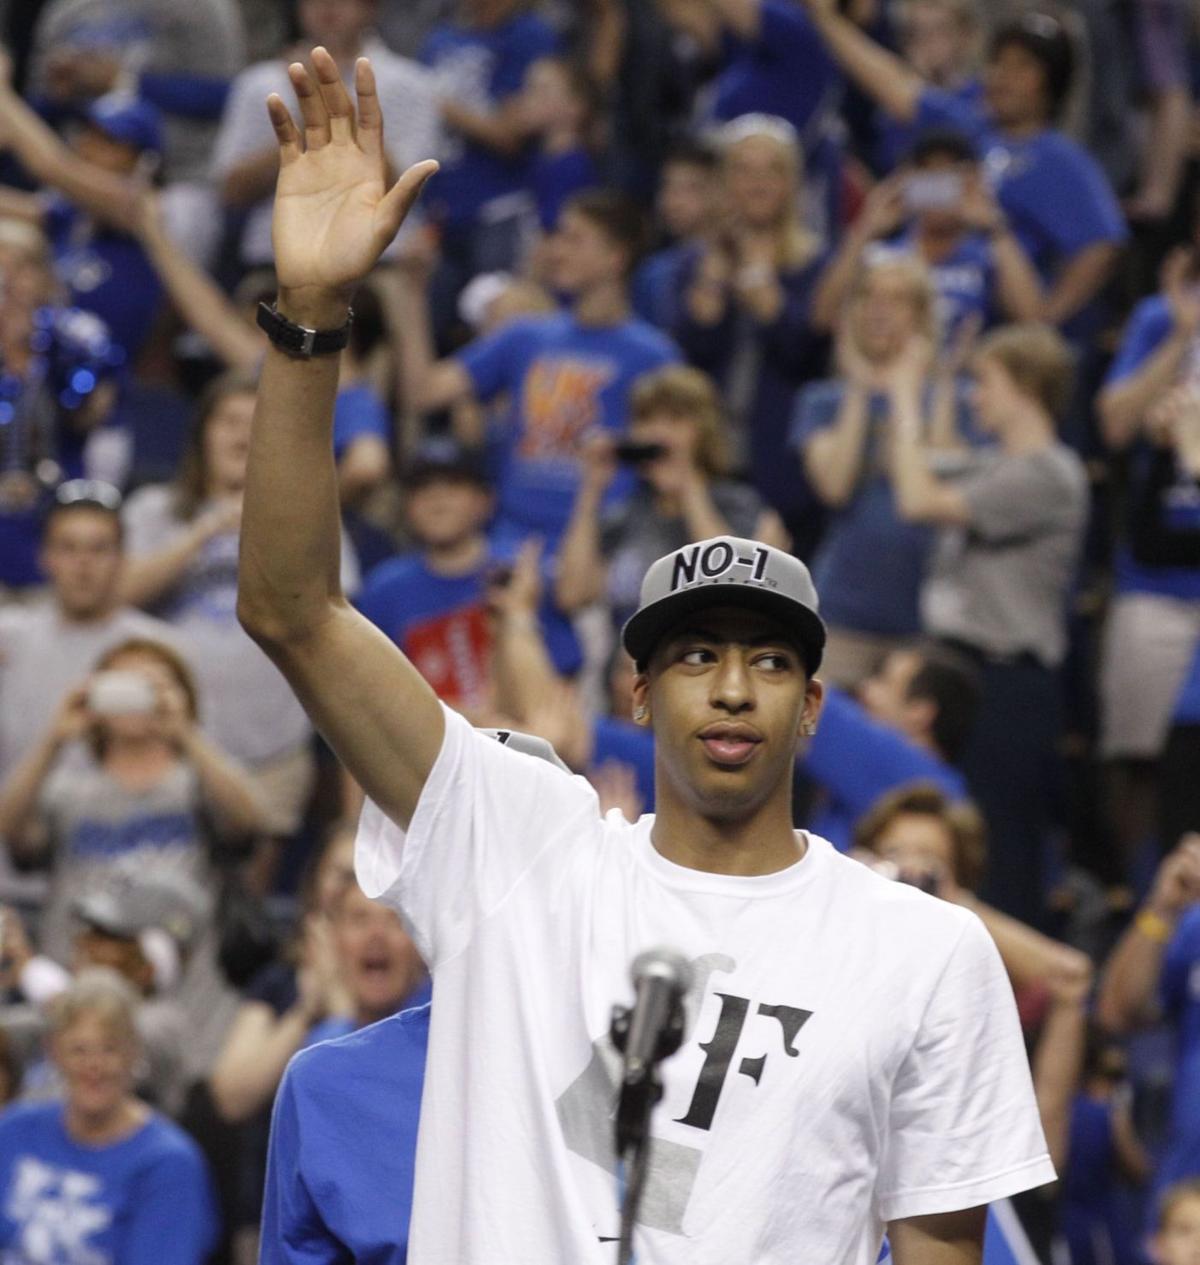 Kentucky returns as champs